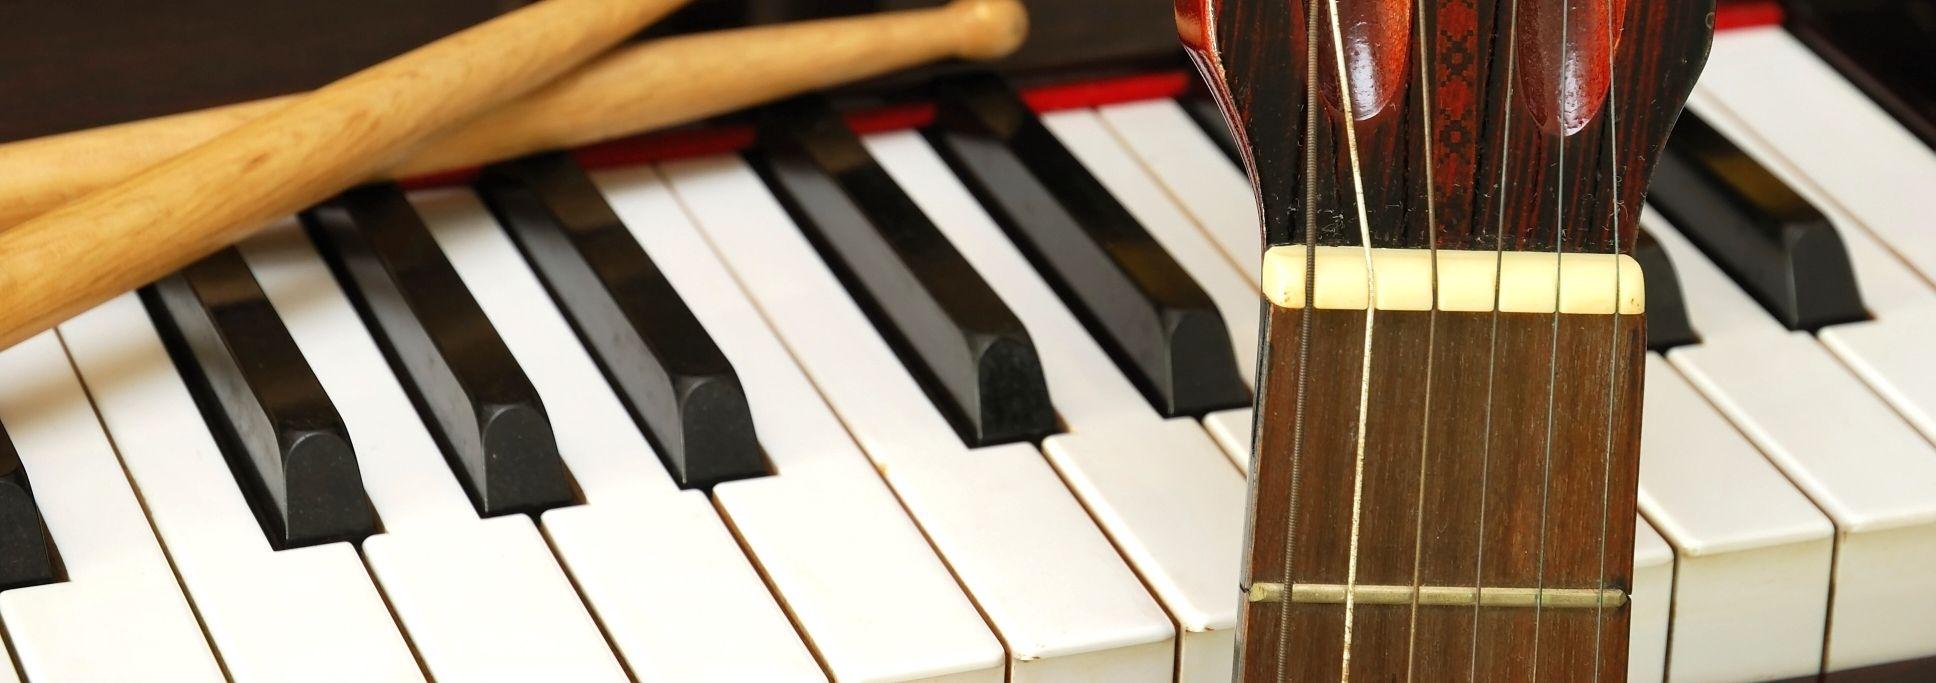 Przygody Z Instrumentami Material Uzupelniajacy Do Artykulow Nsp Ediba Polska Piano Music Instruments Instruments